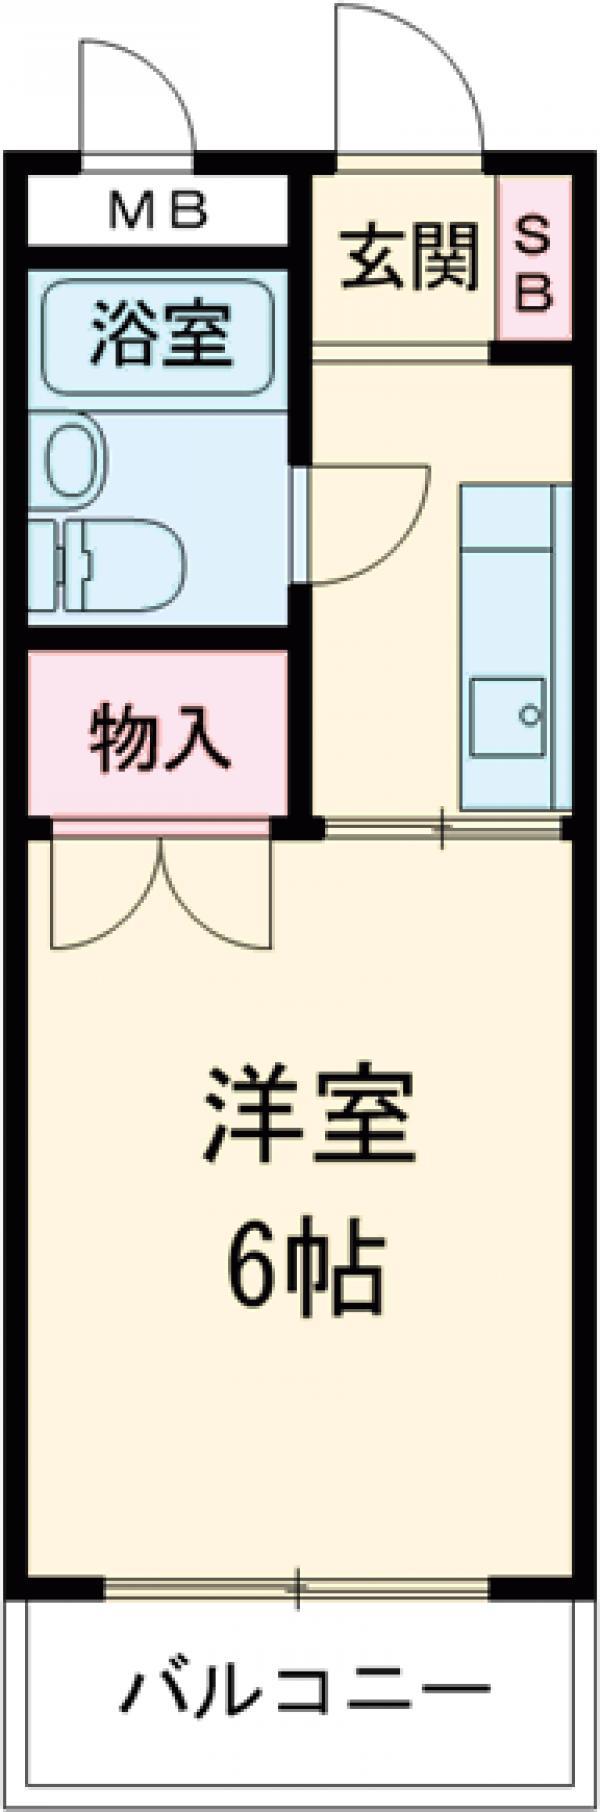 グリーンパレス秋川・111号室の間取り